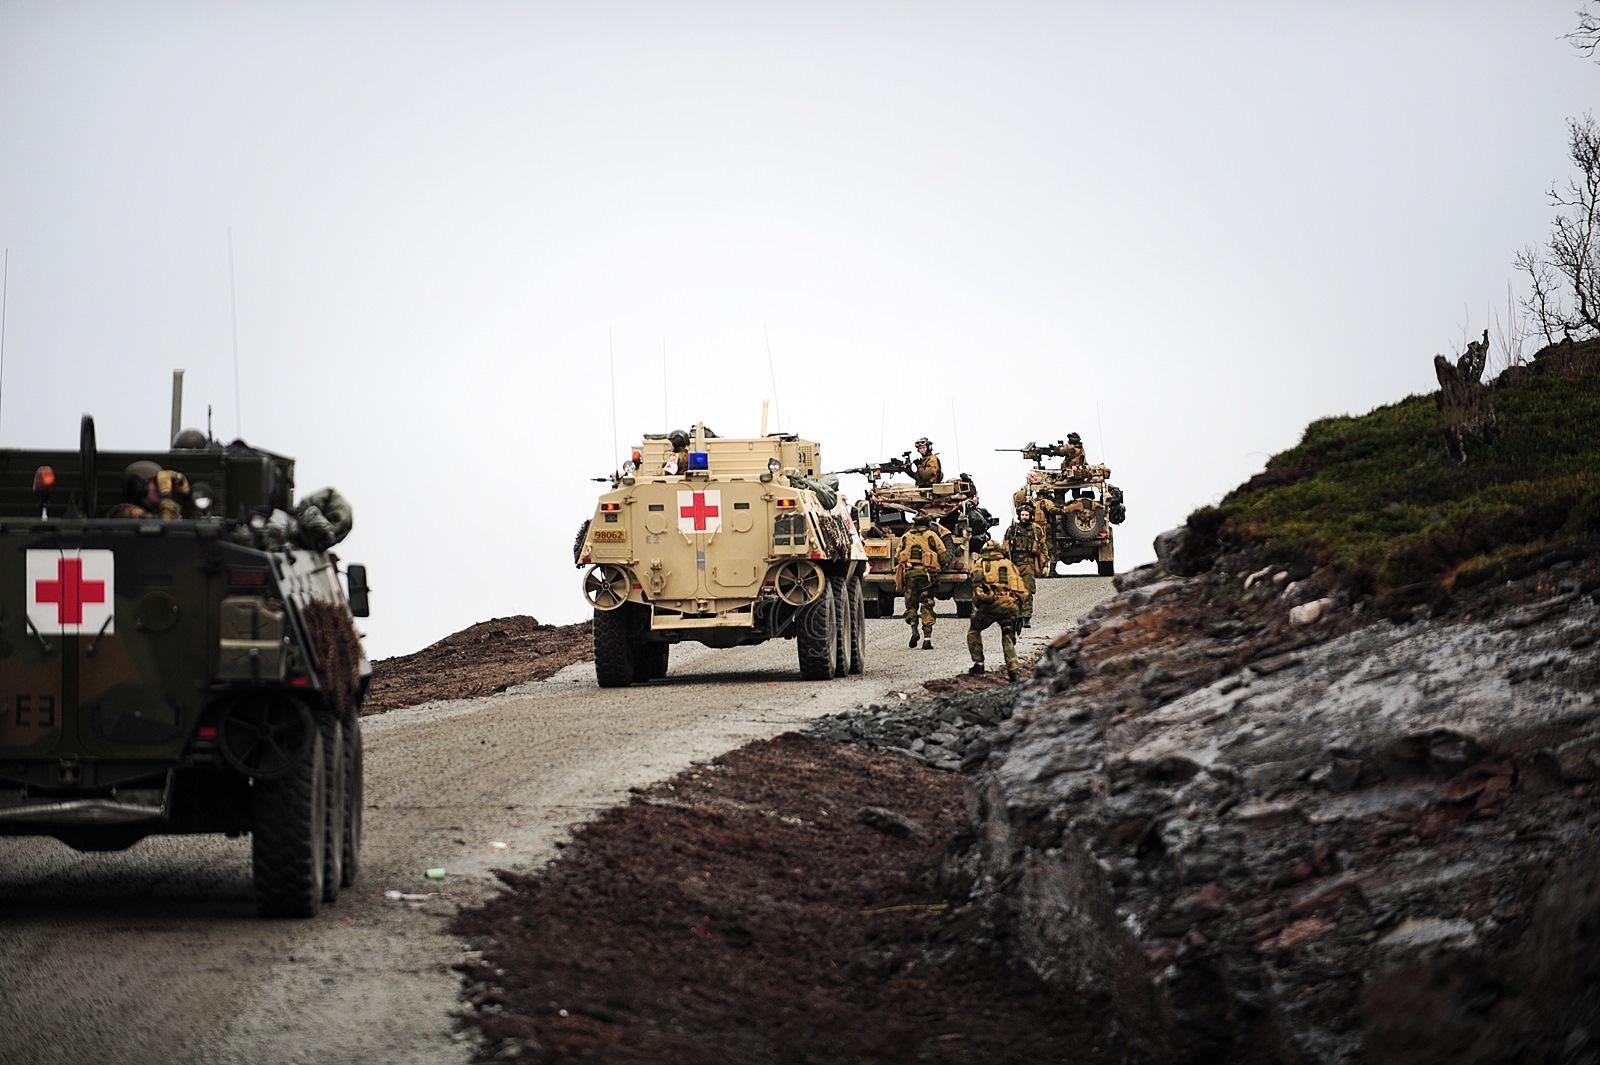 아프칸 파병 훈련 실시중인 노르웨이군 장갑차